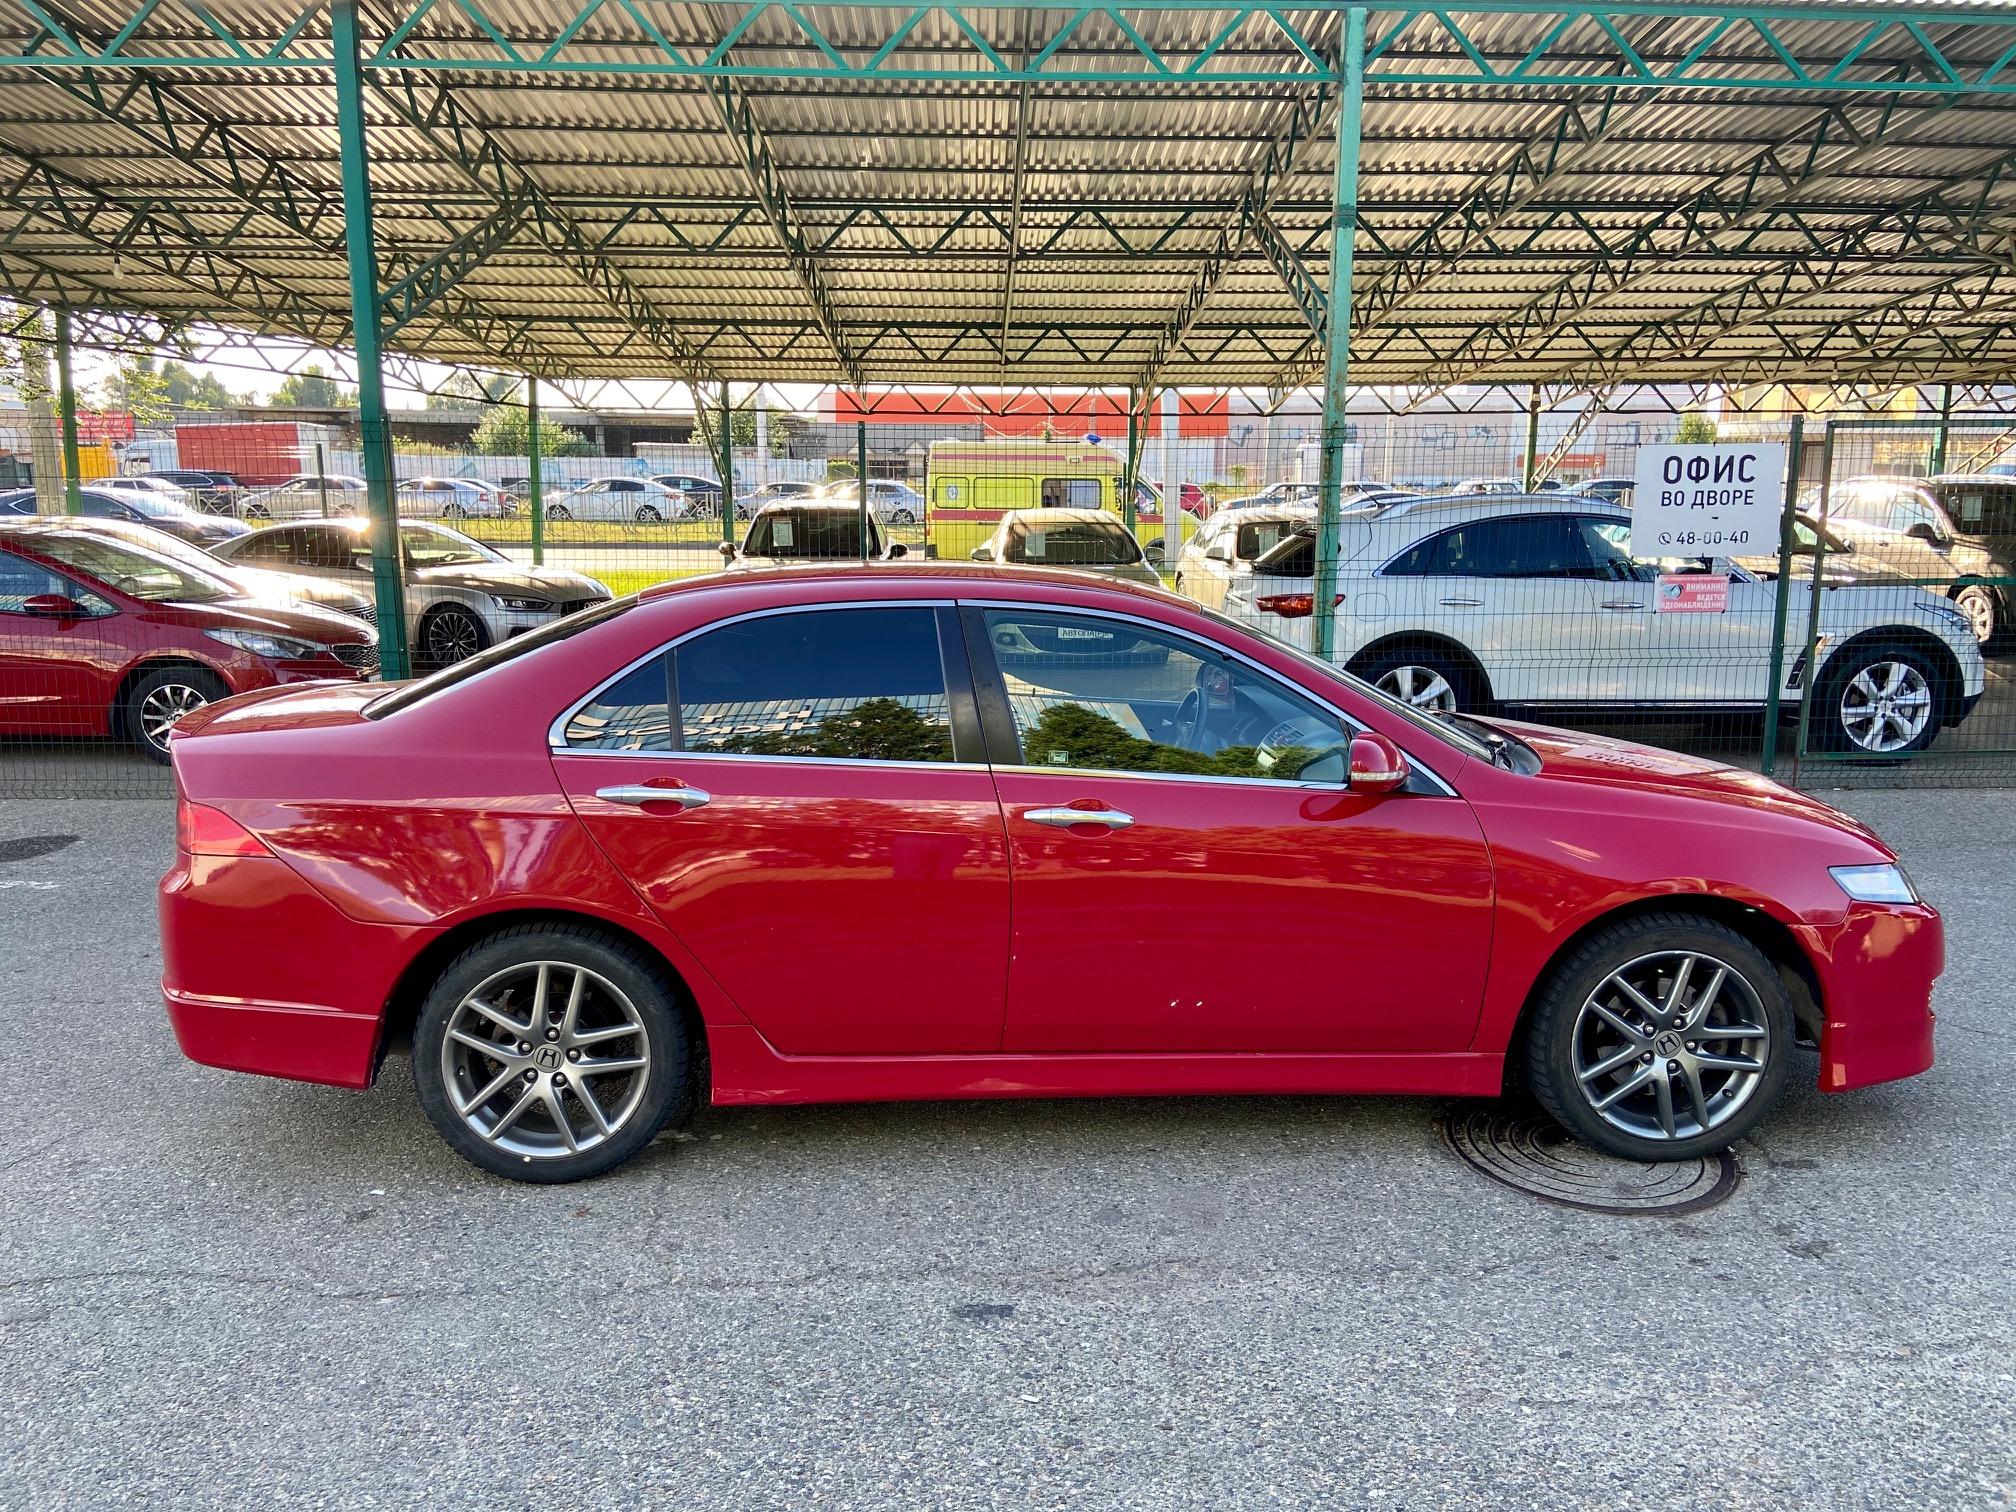 Купить Honda Accord (Красный) - Автопарк Ставрополь